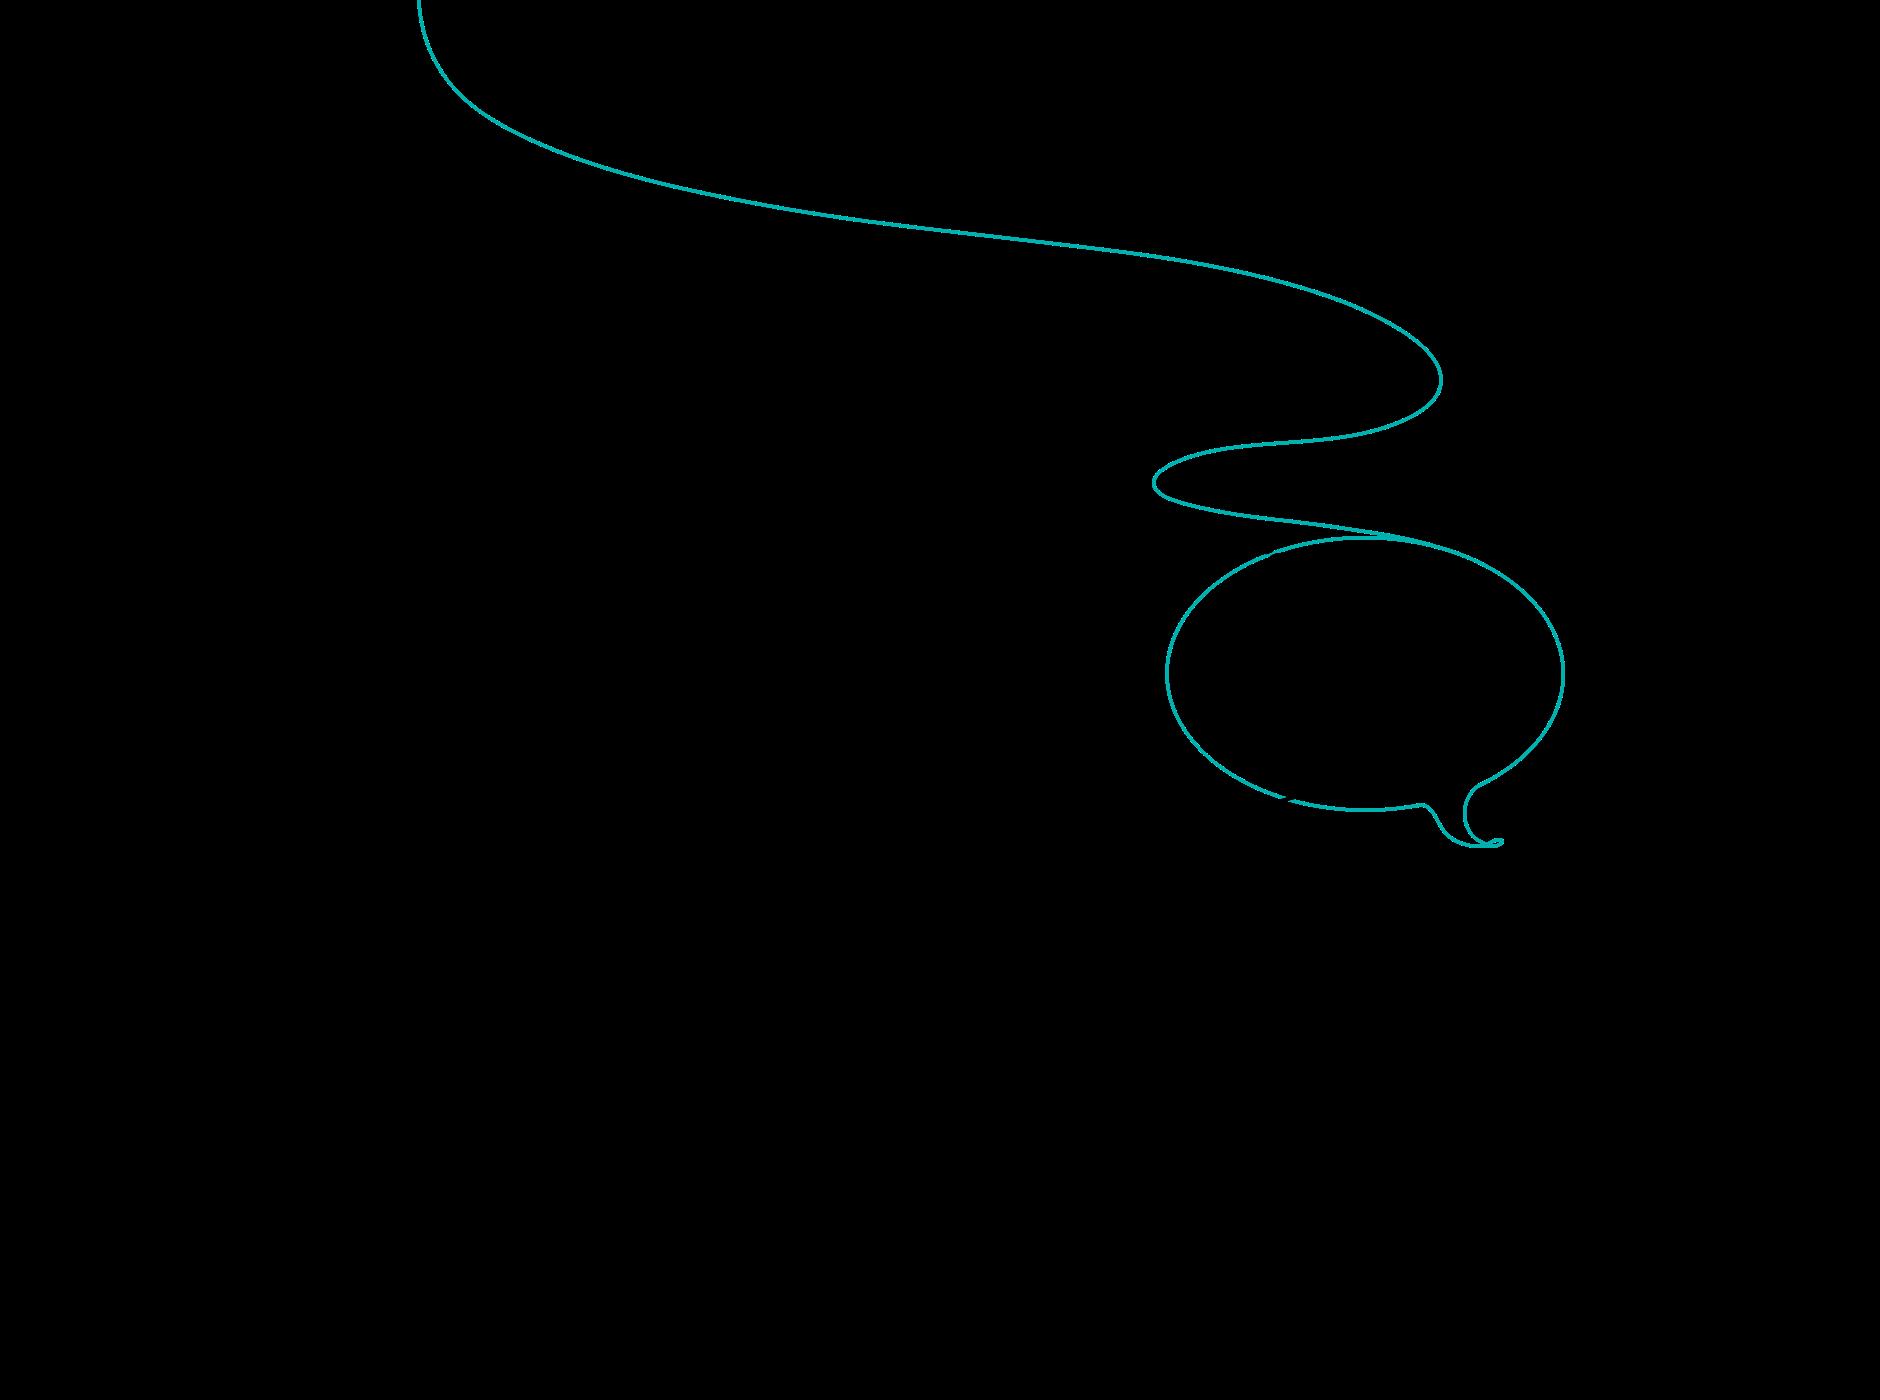 Faden der zwei Sprechblasen bildet